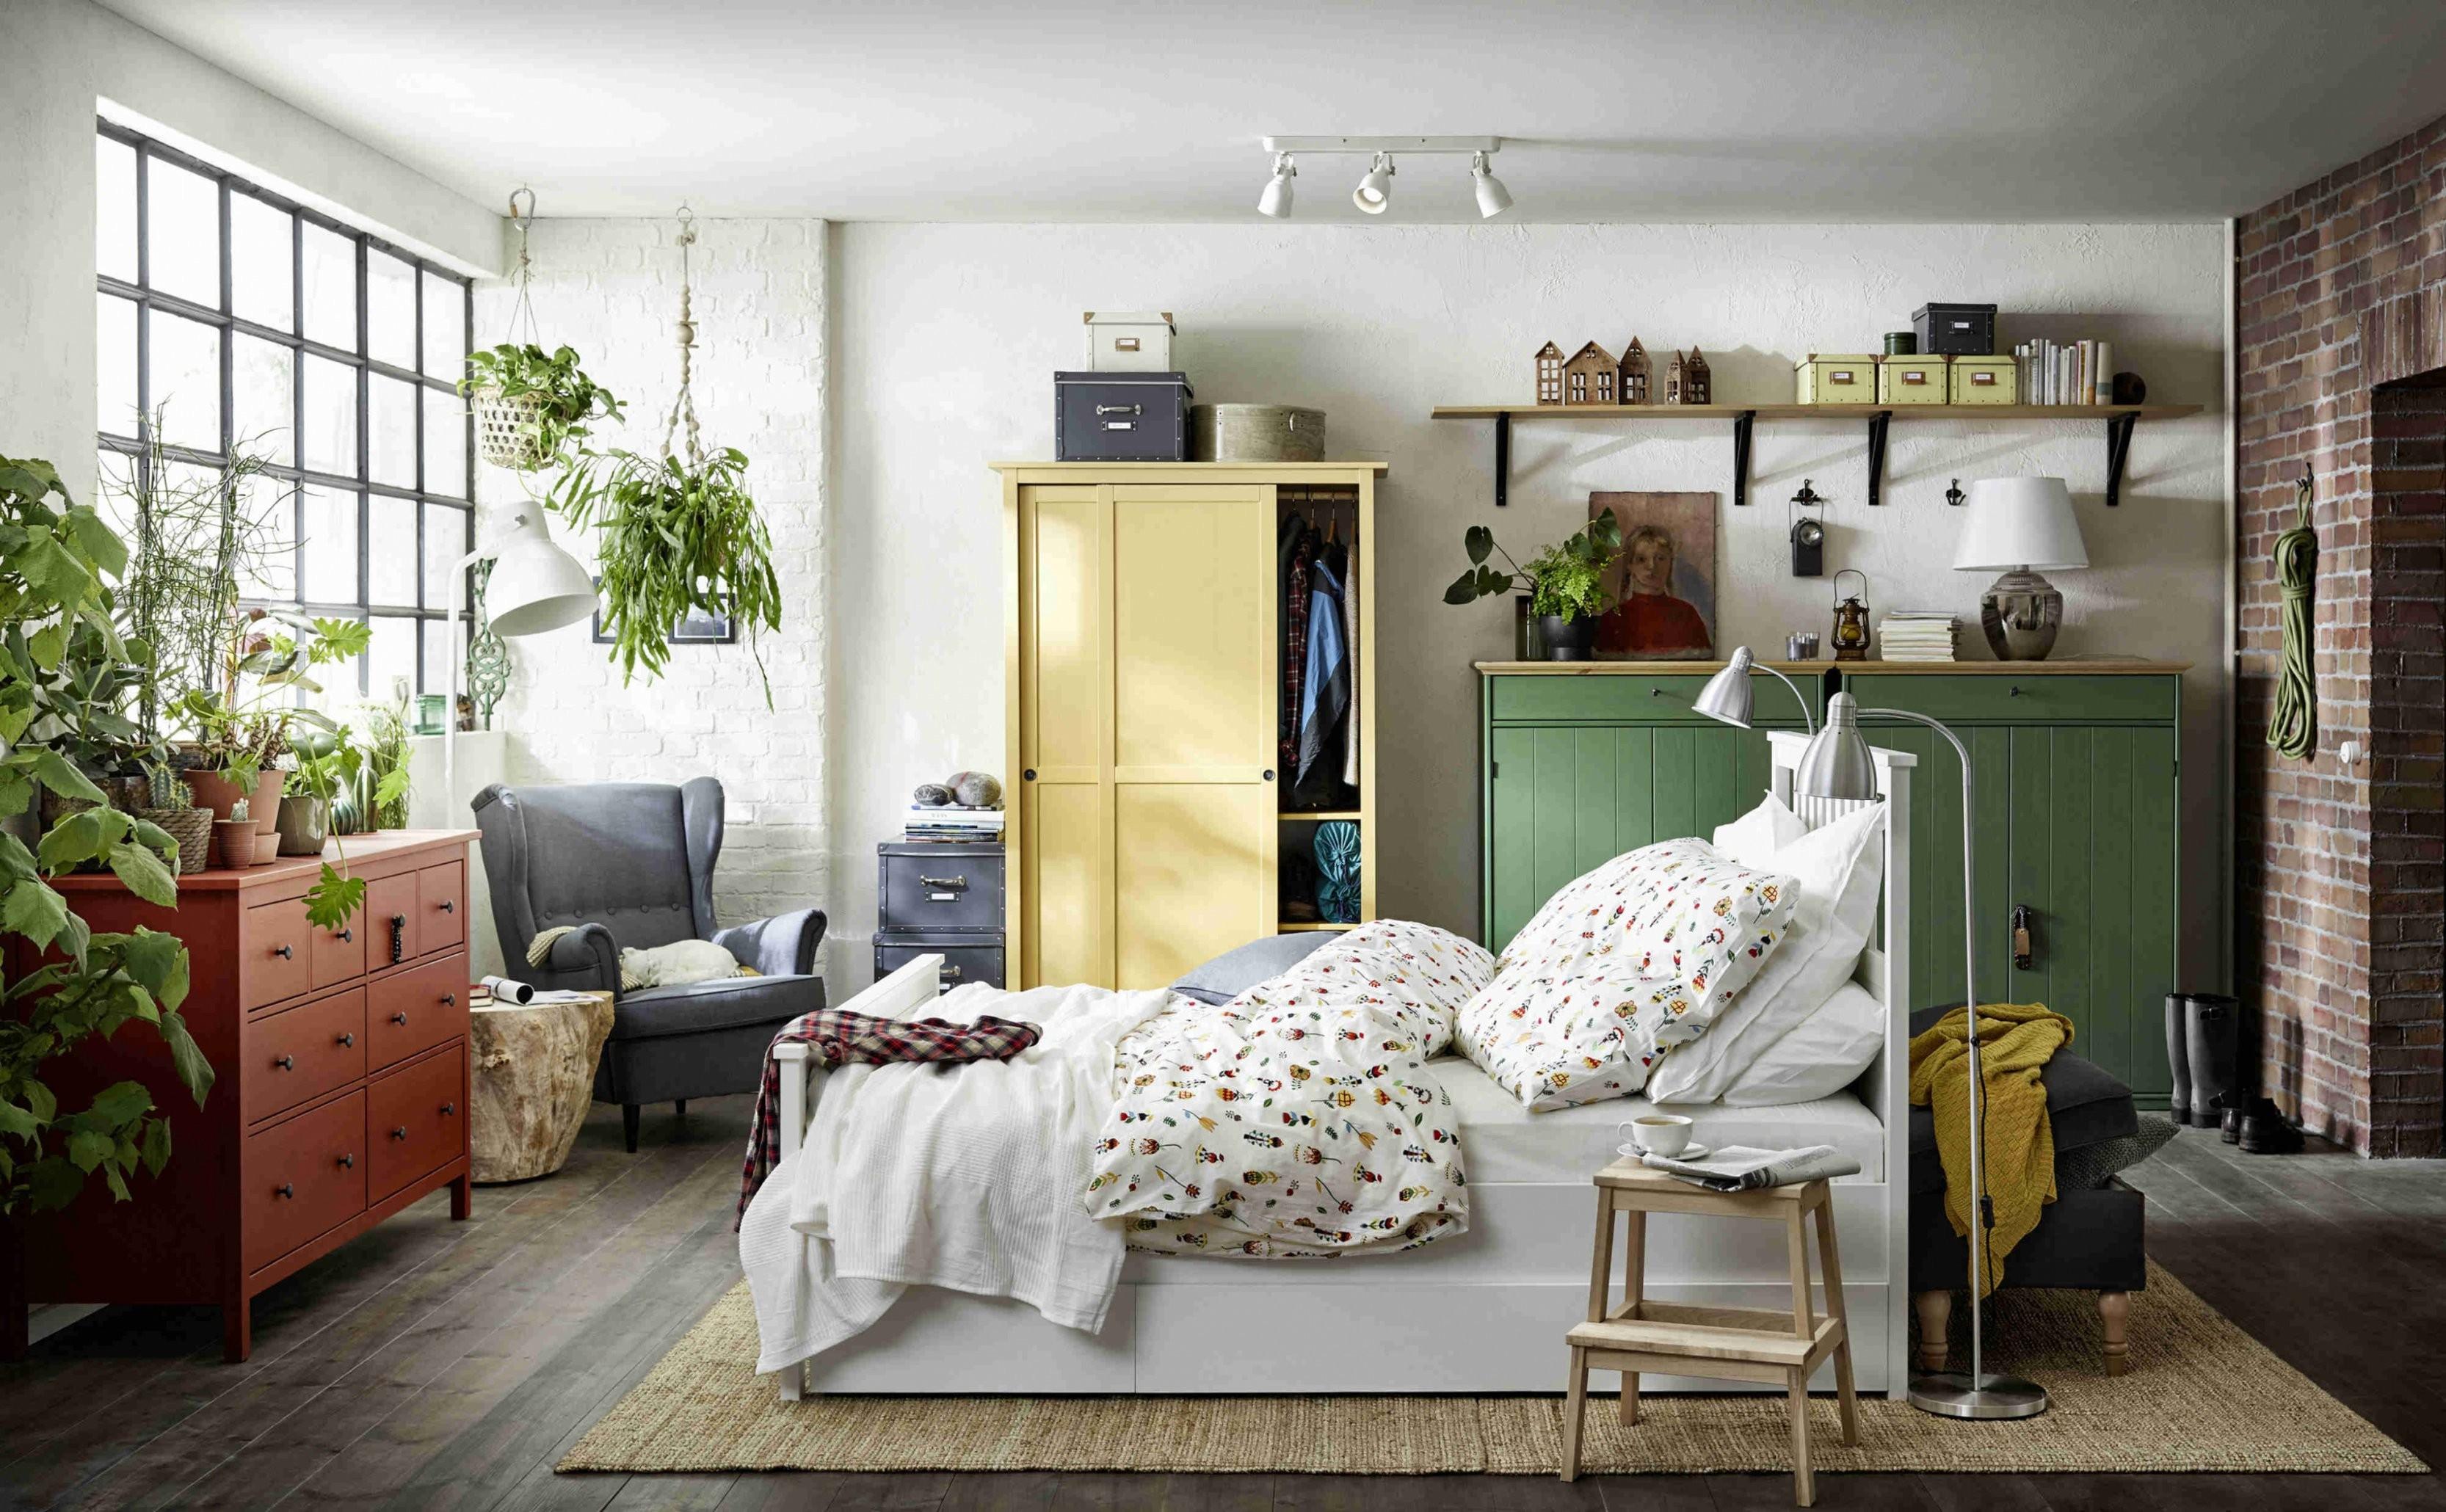 Kleine Räume Einrichten 5 Tipps Vom Interiorstylisten  Minuscule von Einrichtung Für Kleine Räume Photo